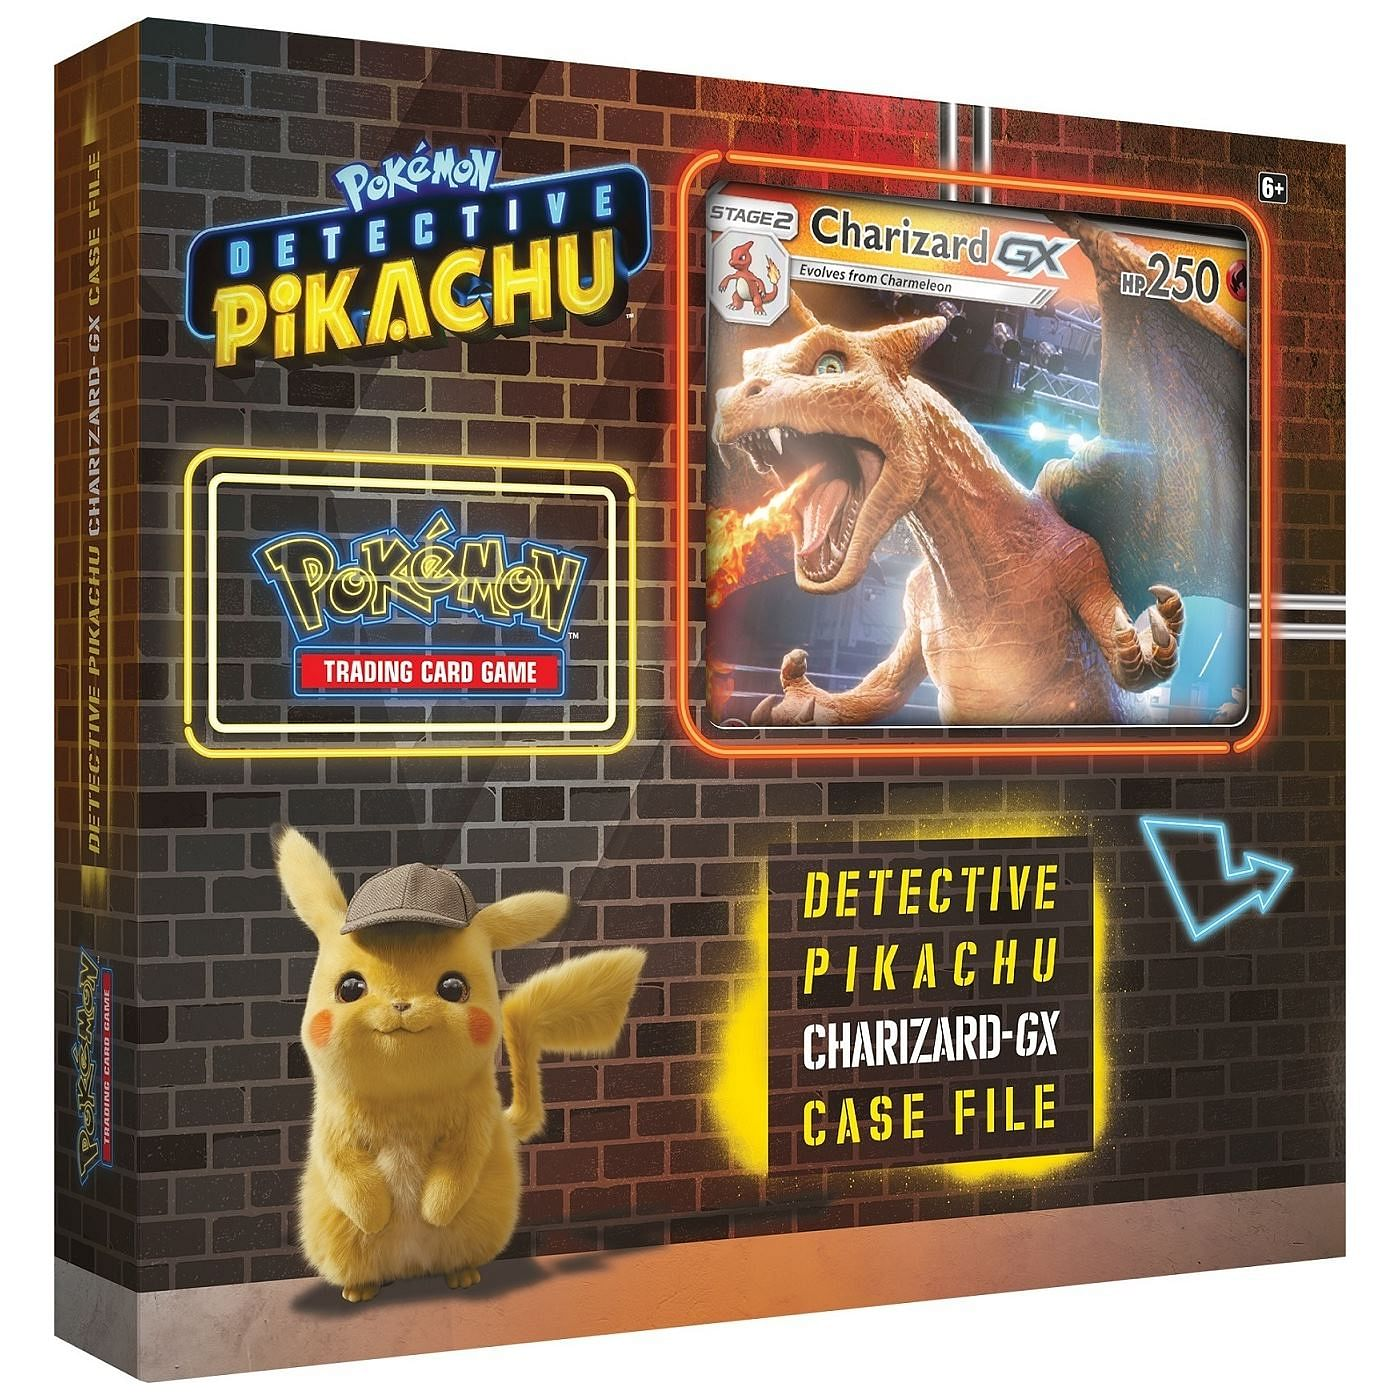 Pokémon: Detective Pikachu Charizard-GX Case File